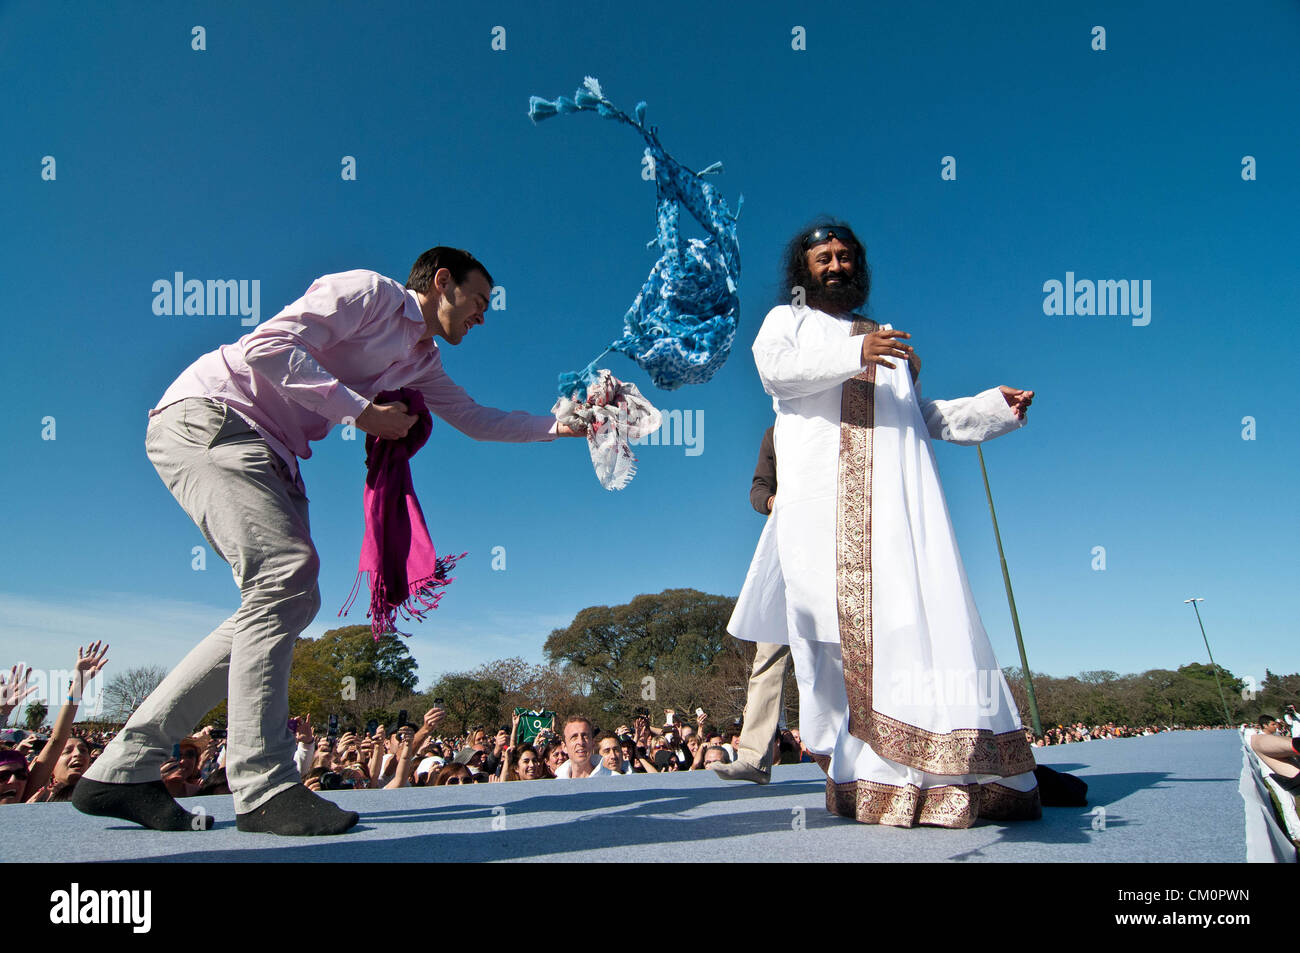 9 septembre 2012 - Buenos Aires, Argentine - guru indien Sri Sri Ravi Shankar, chef de l'ONG L'Art de Vivre, a procédé Banque D'Images